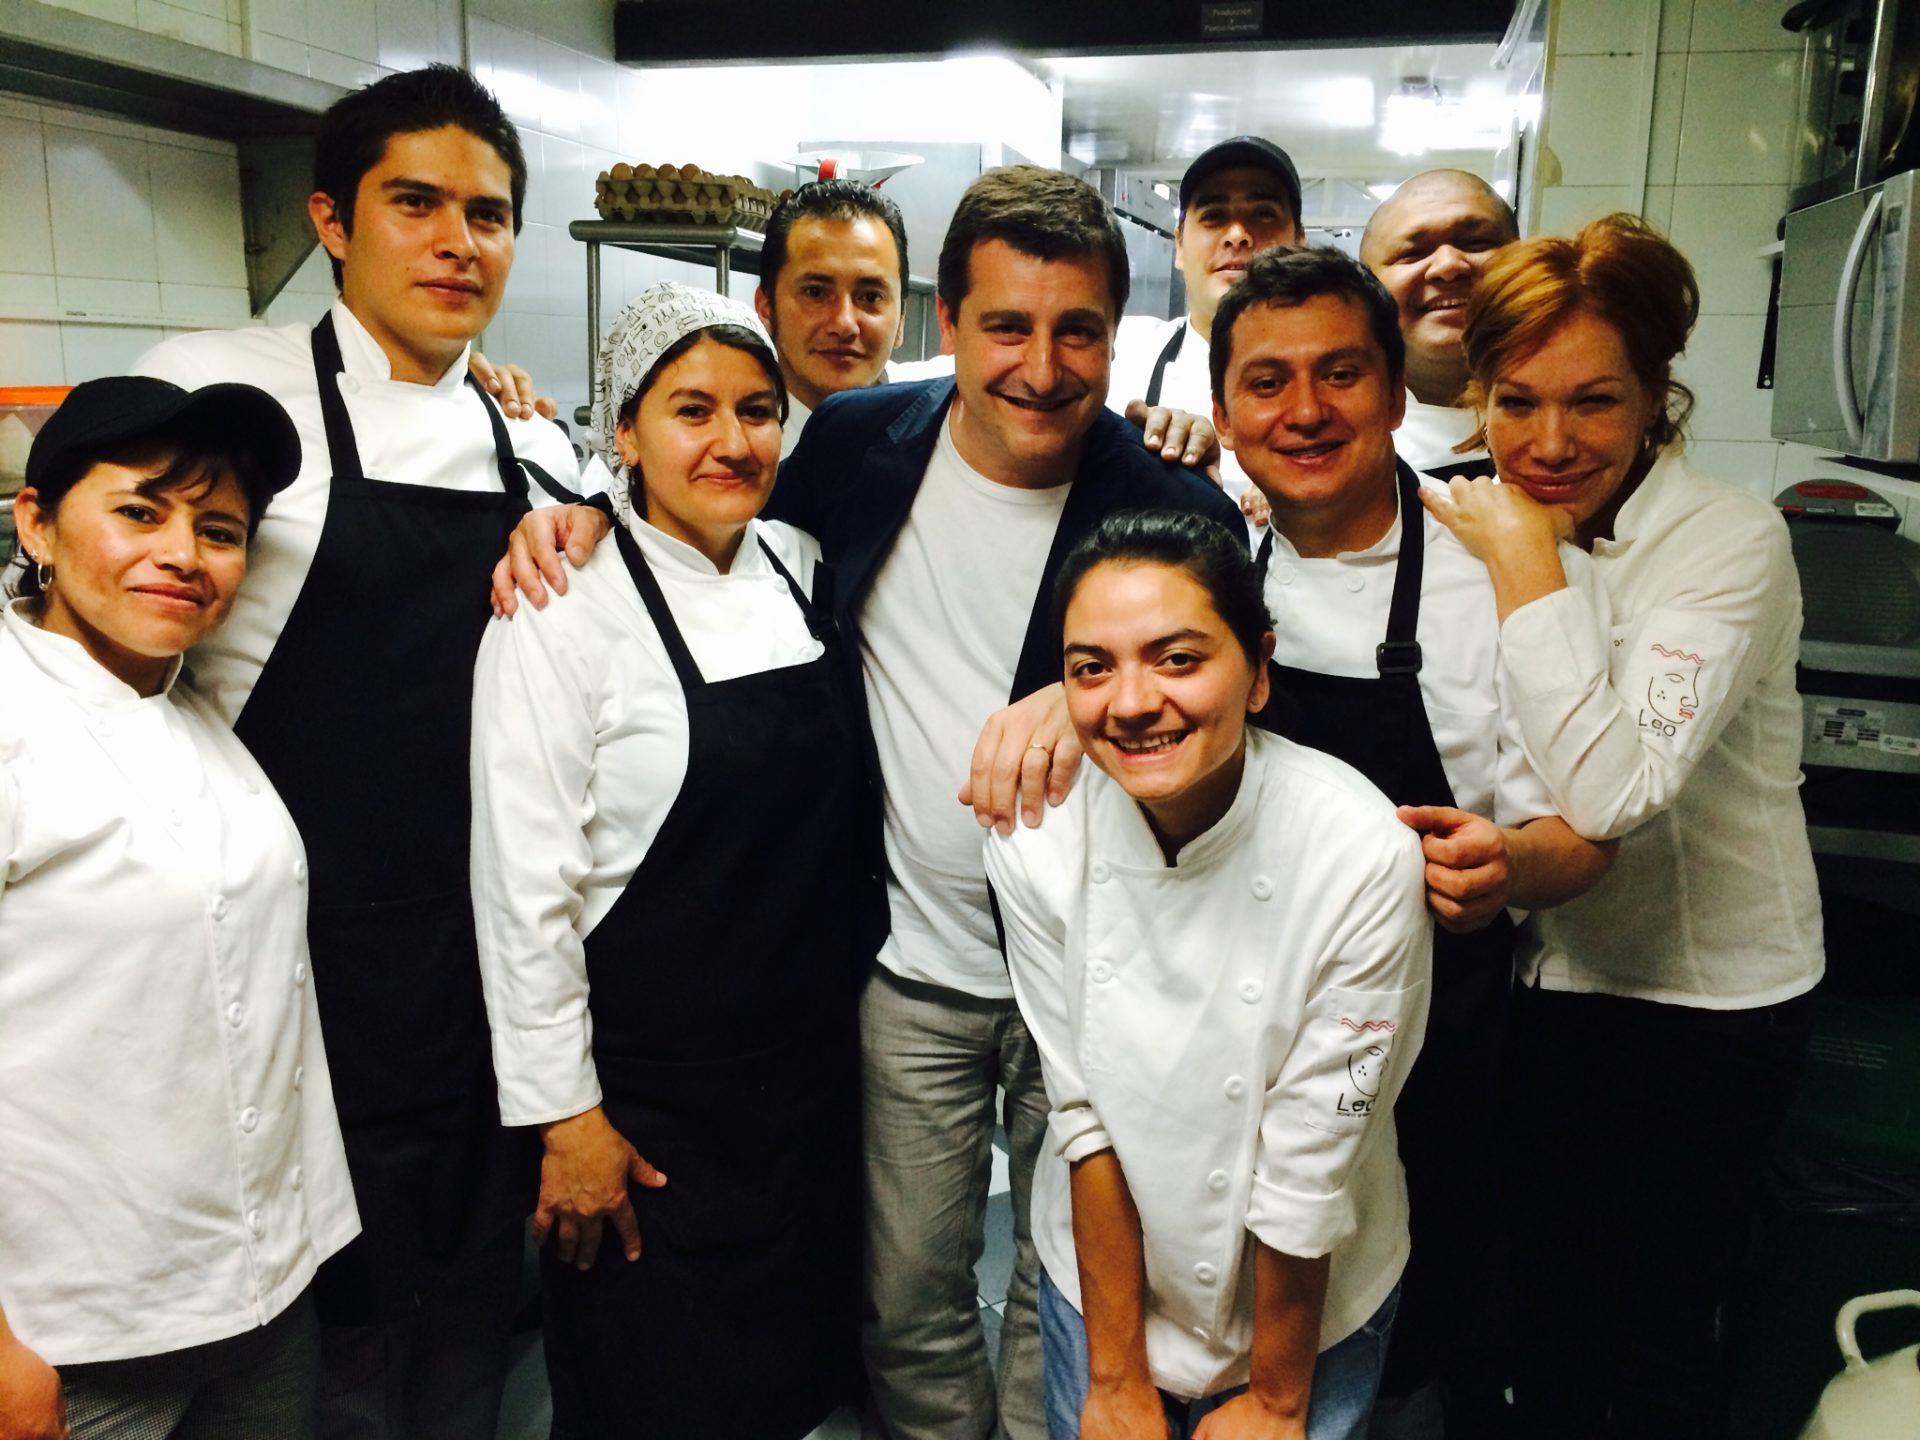 Fotografía de Josep Roca, con la chef Leonor Espinosa y el equipo del restaurante Leo